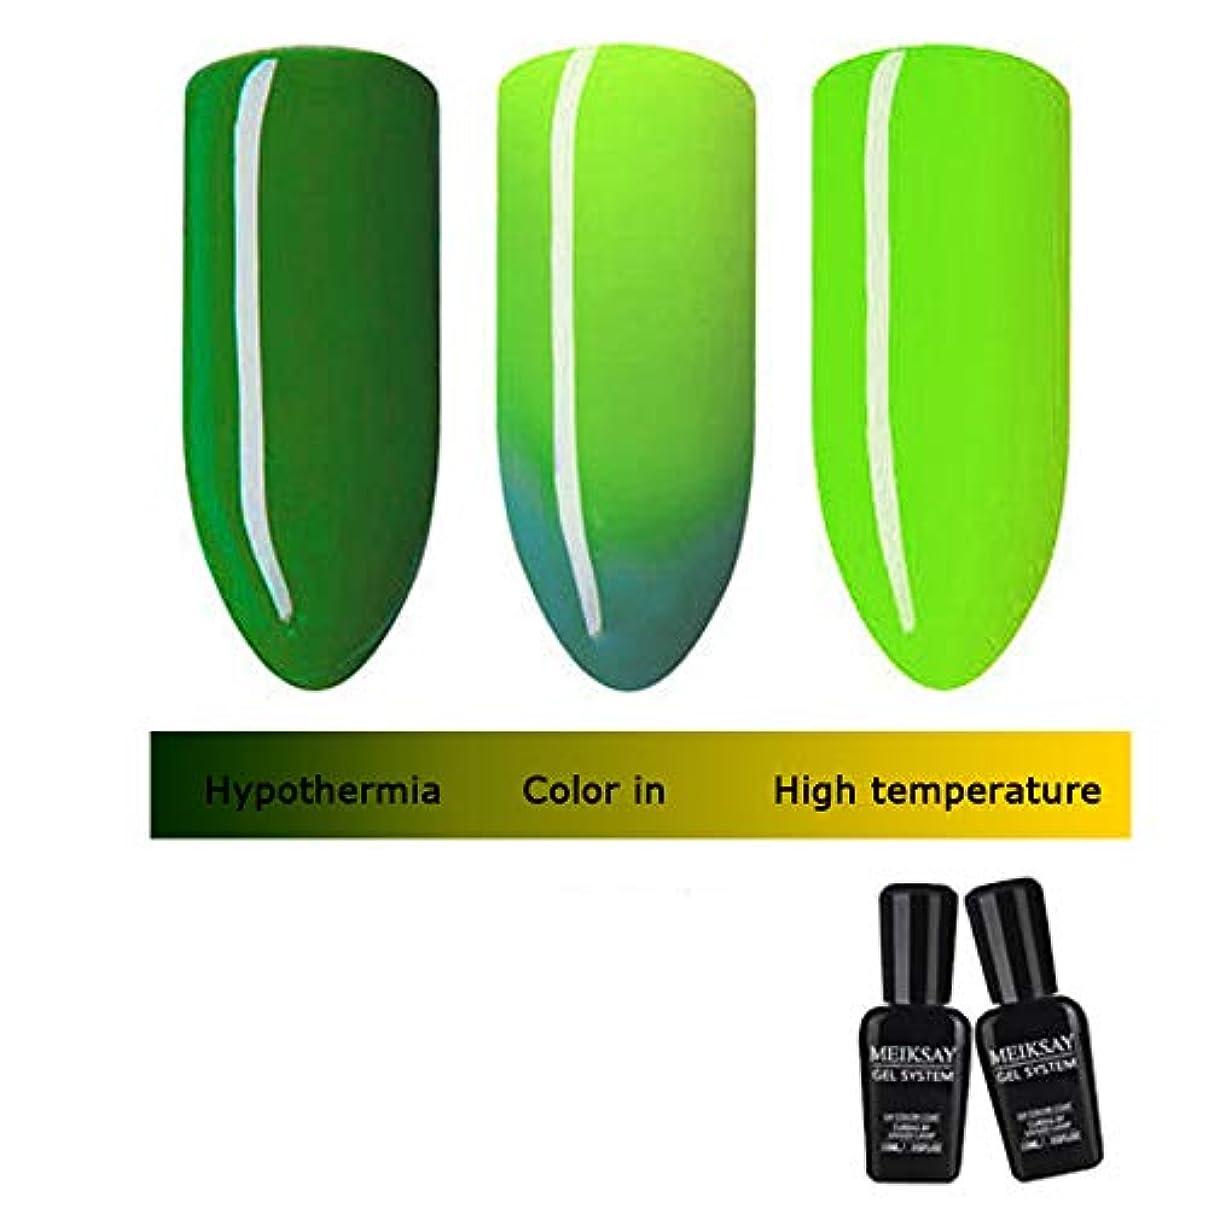 記念碑的な余計な同時Lazayyii マニキュア サーモクロミック光線療法のり 熱温度変化色 ネイルラッカーUV LEDポリッシュゲル (B)